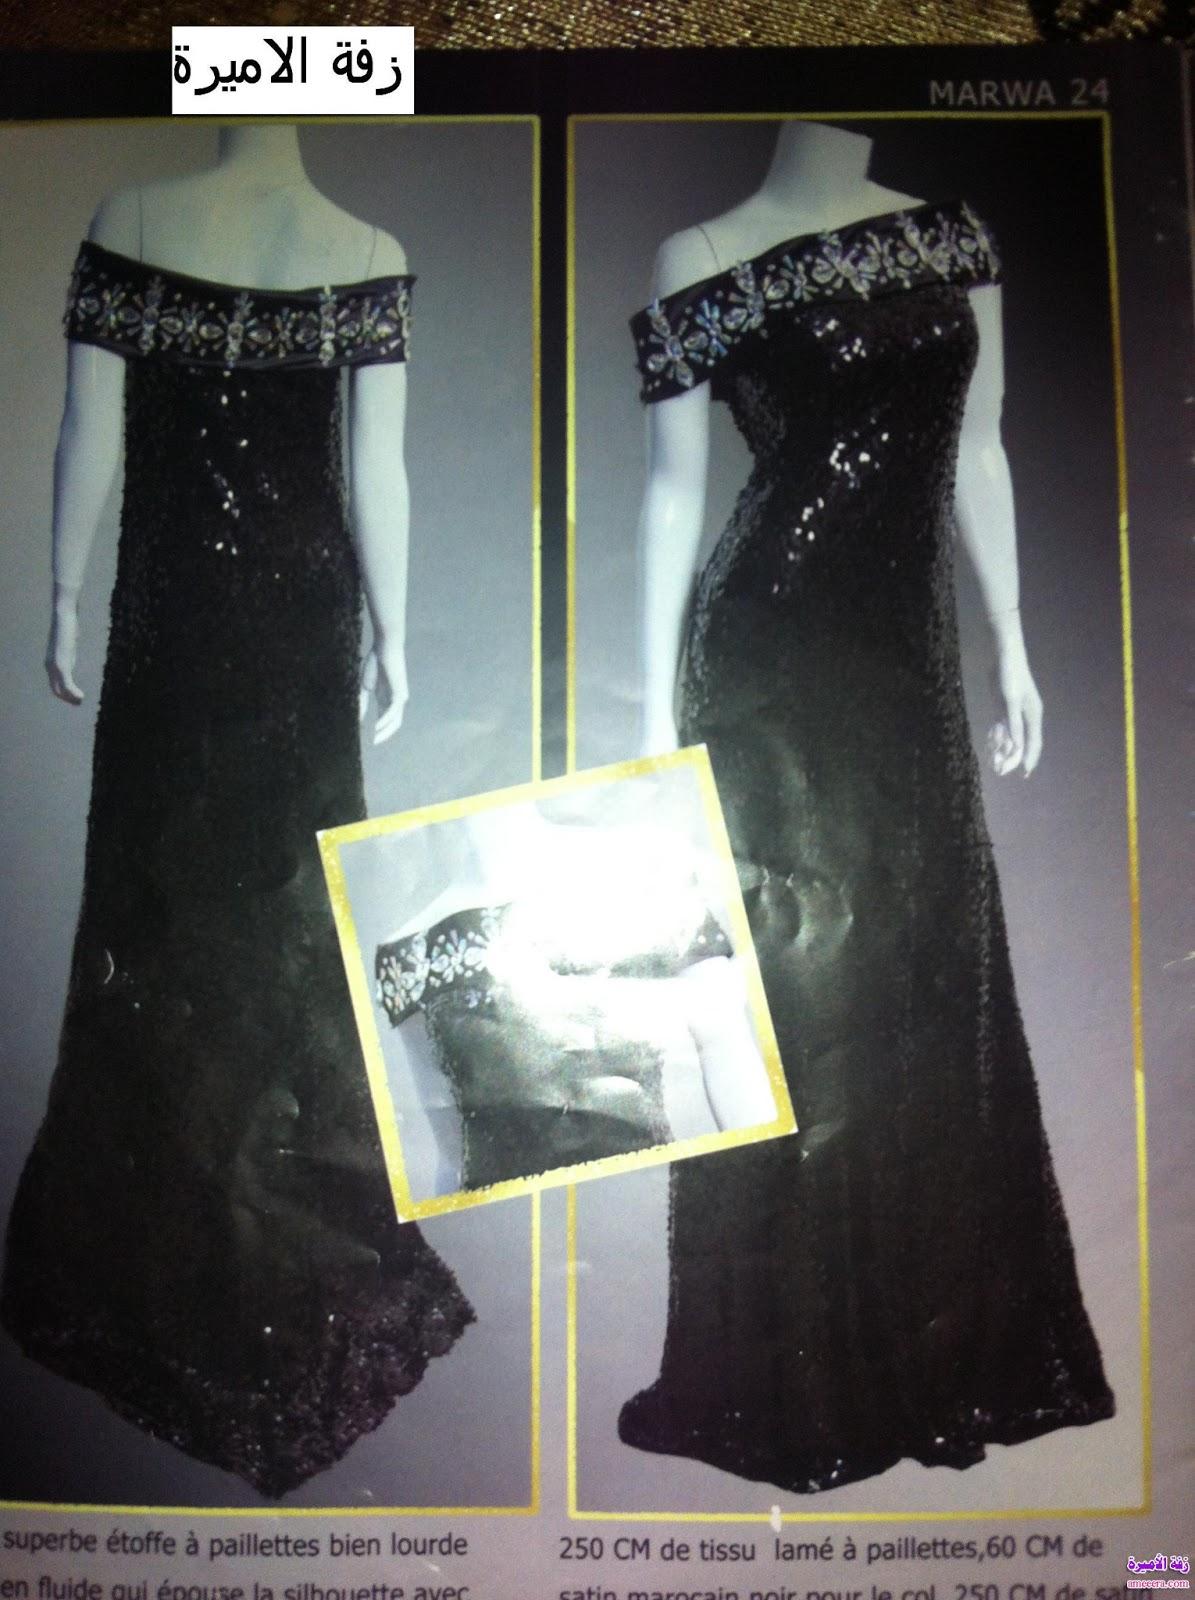 collection magazine marwa gandoura arassi soiré